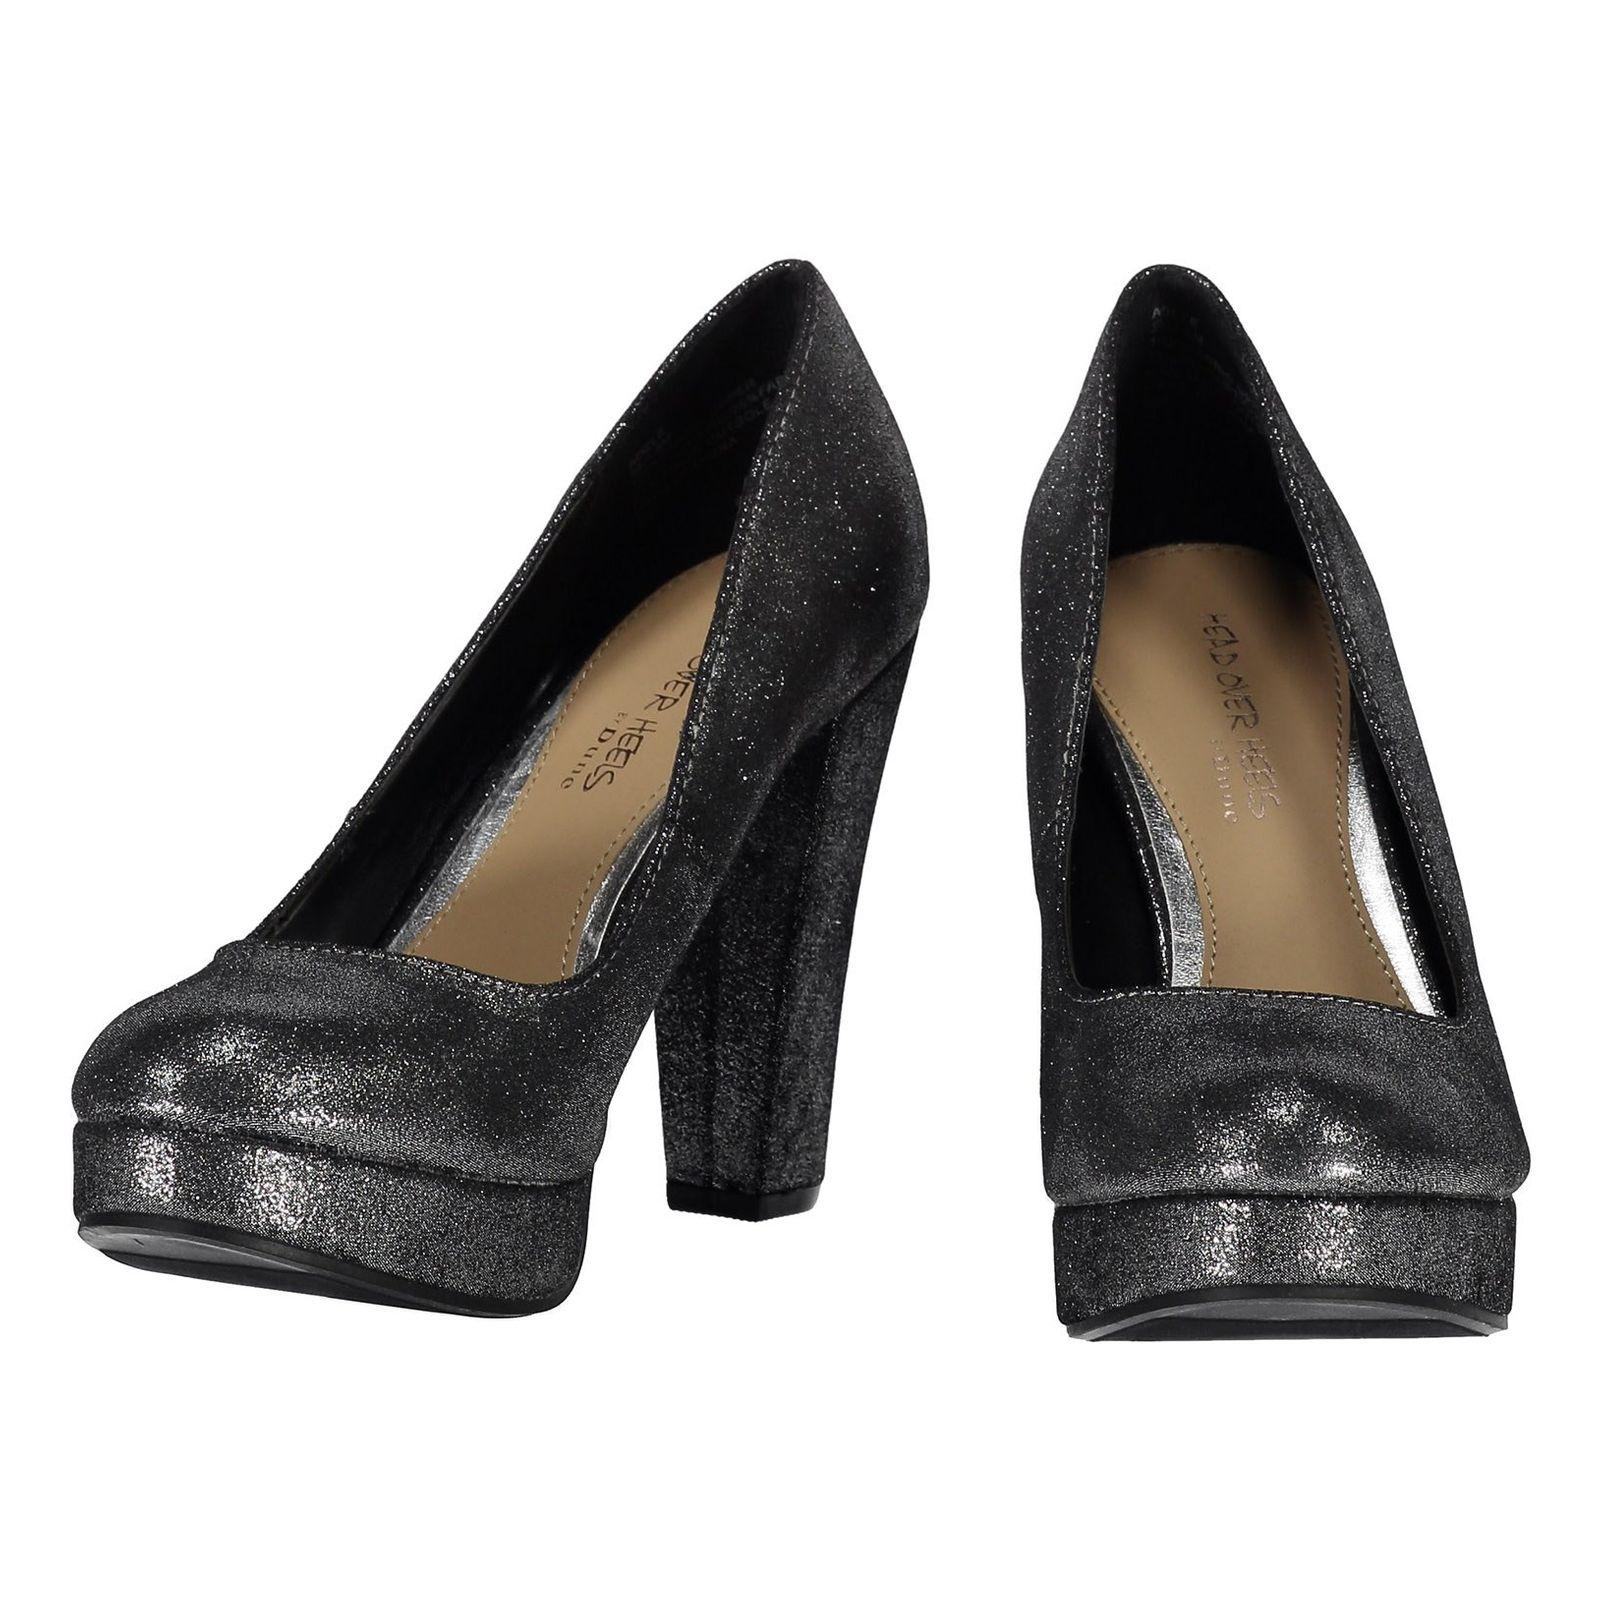 کفش پاشنه بلند زنانه - هد اور هیلز بای دون لندن main 1 3